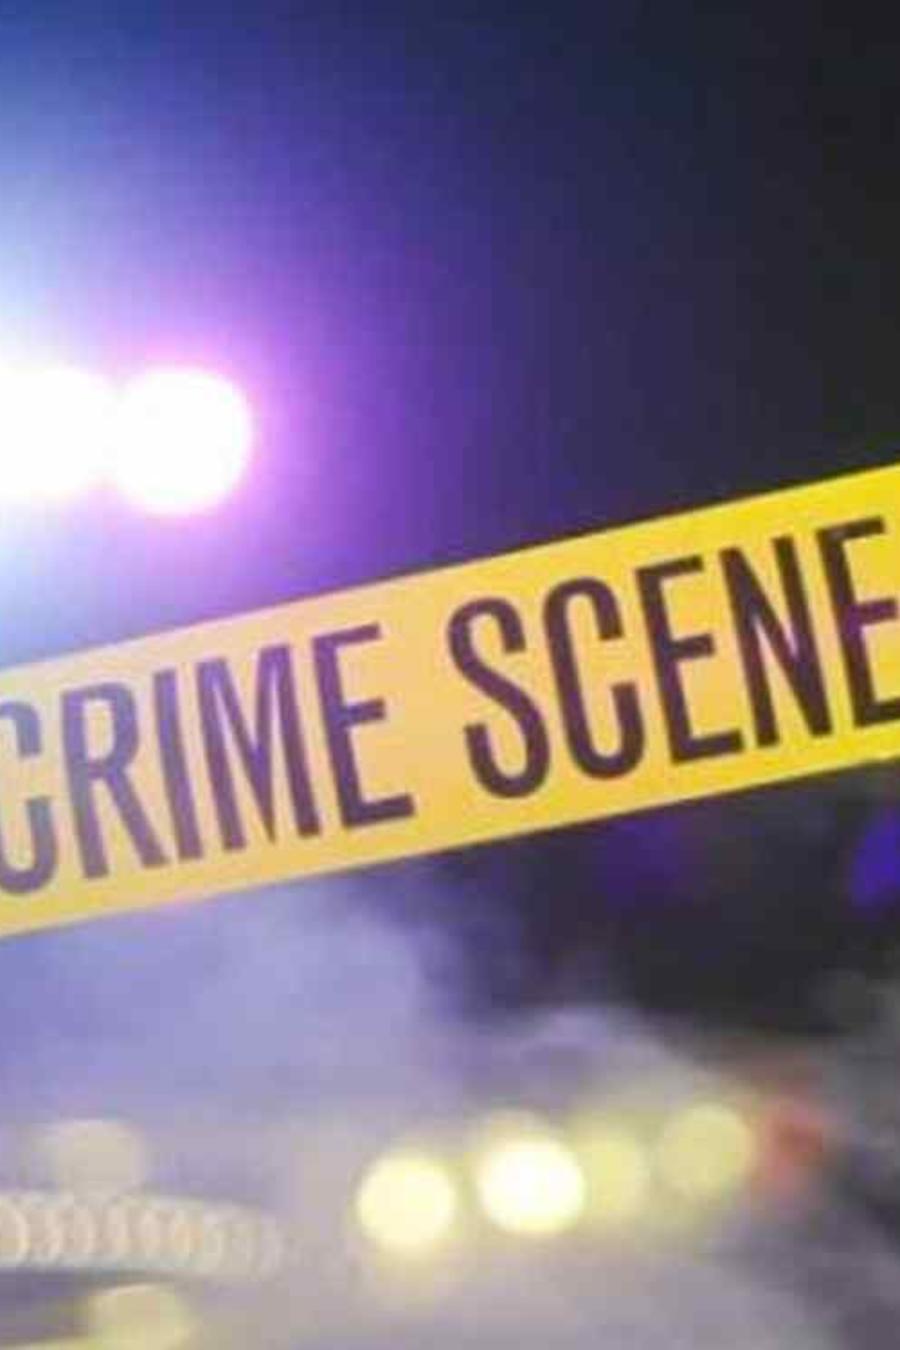 Una cinta policial en una escena del crimen (imagen de archivo).